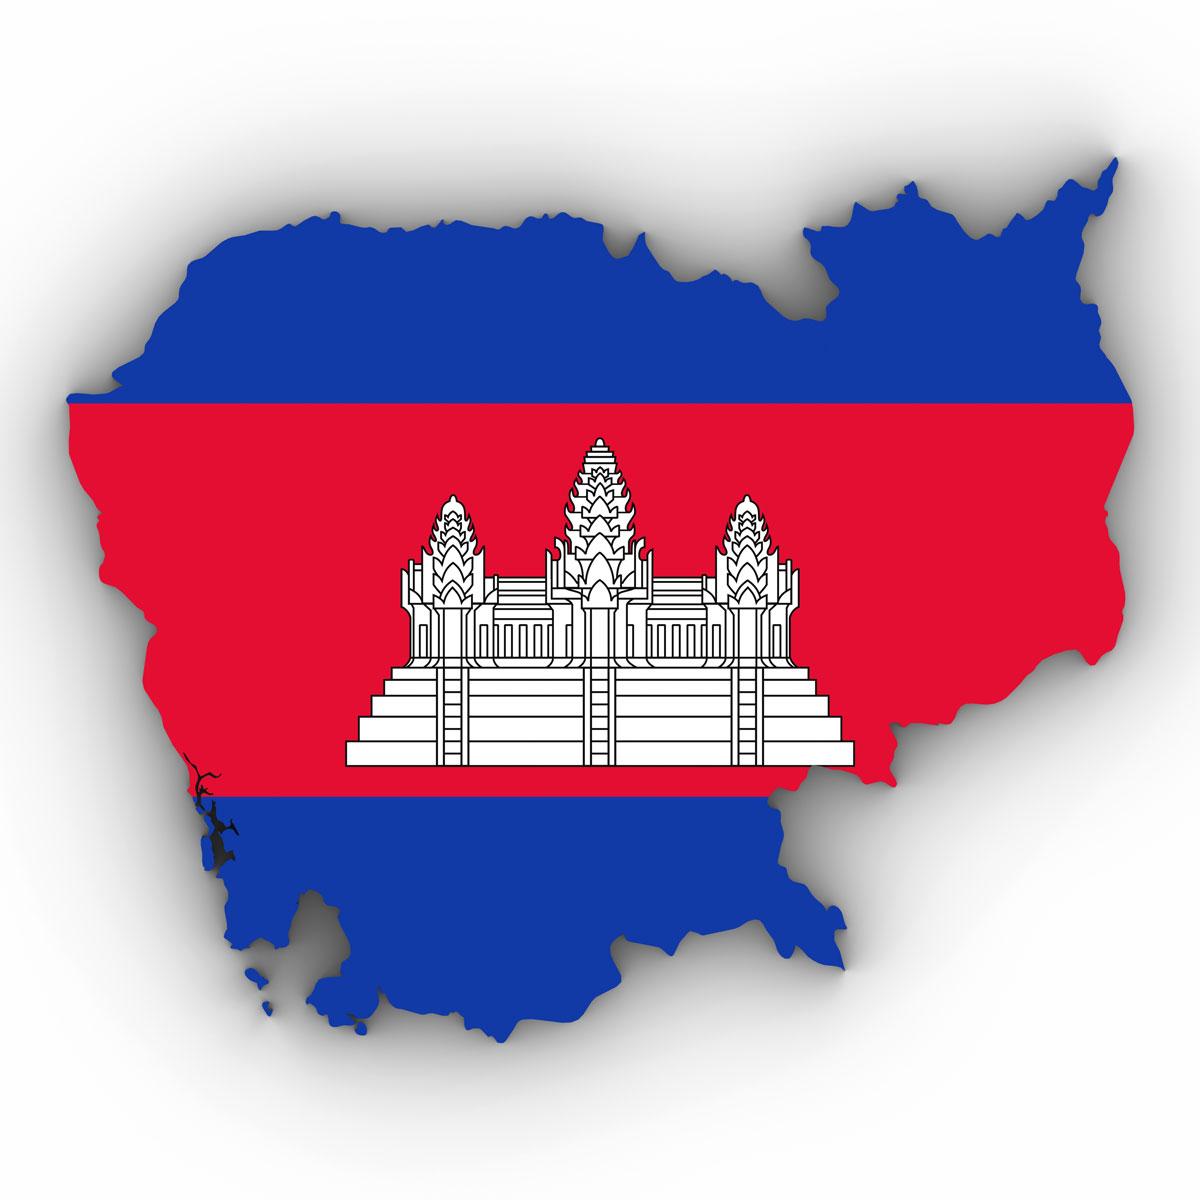 Grundriss von Kambodscha mit der Nationalfahne des Landes und Angkorwat (shutterstock/fredex)